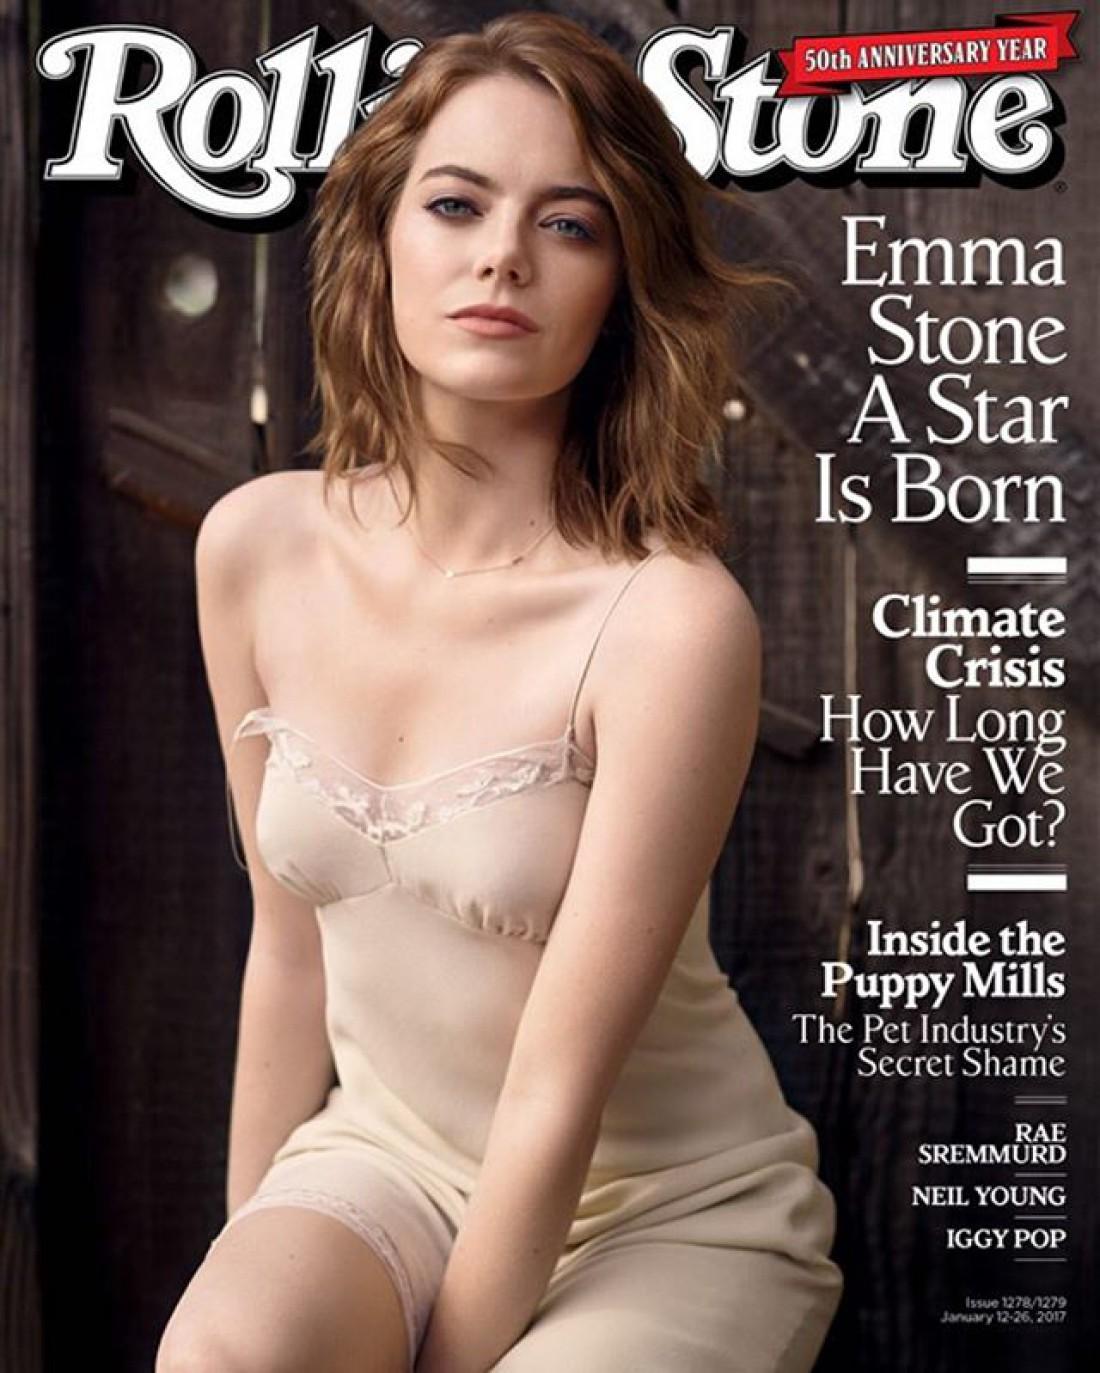 28-летняя звезда на обложке Rolling Stone